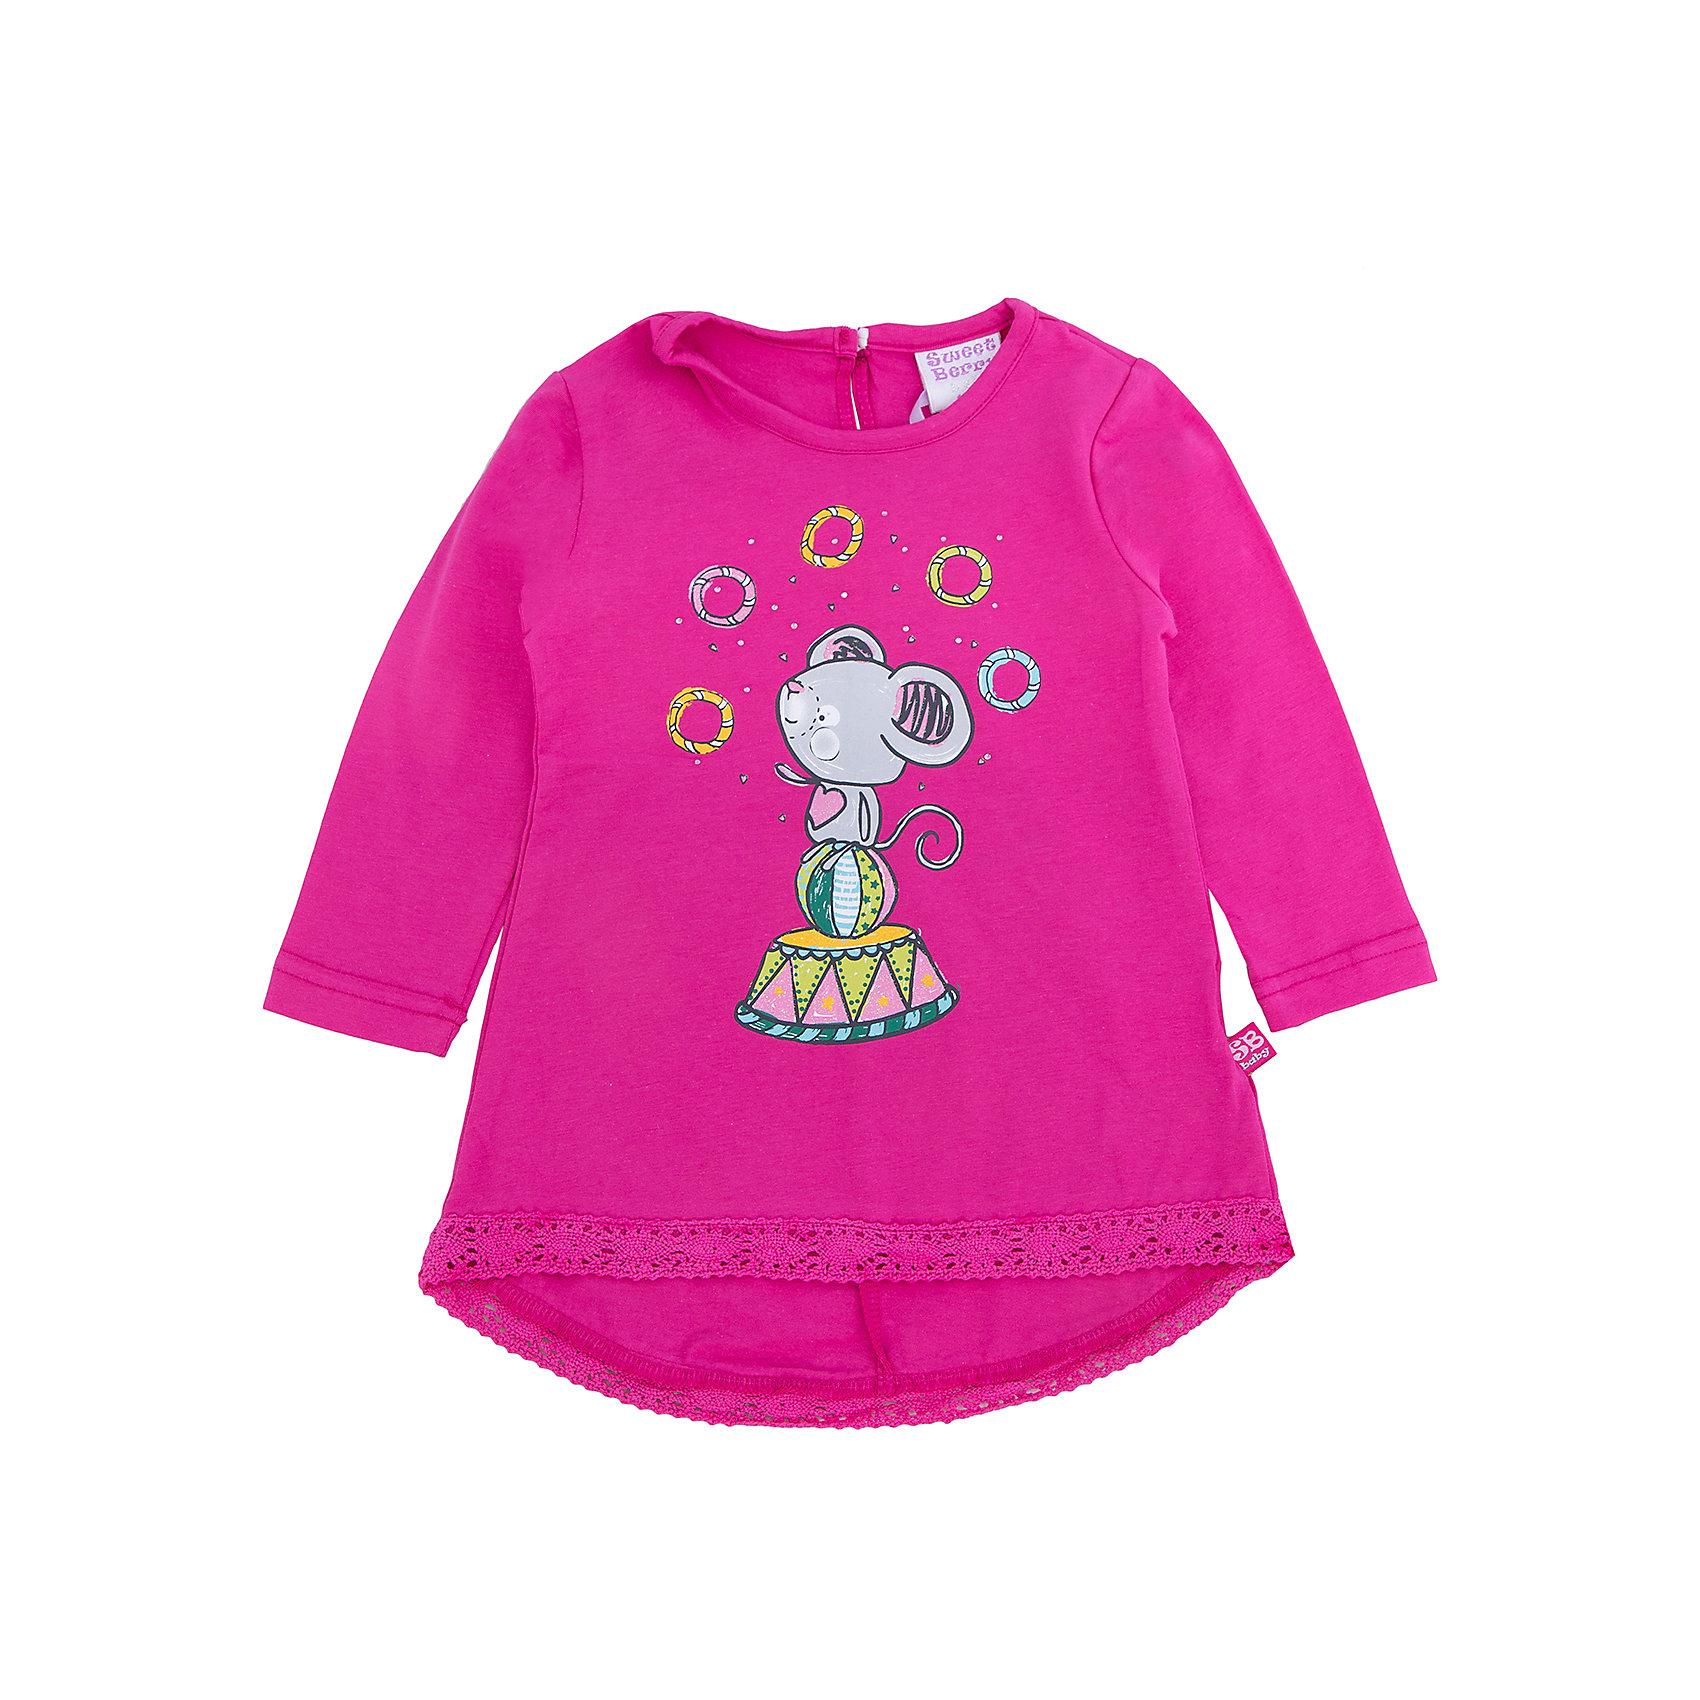 Платье для девочки Sweet BerryТакое платье отличается модным дизайном с принтом и кружевои по низу. Удачный крой обеспечит ребенку комфорт и тепло. Плотный материал делает вещь идеальной для прохладной погоды. Она хорошо прилегает к телу там, где нужно, и отлично сидит по фигуре. Натуральный хлопок в составе материала обеспечит коже возможность дышать и не вызовет аллергии.<br>Одежда от бренда Sweet Berry - это простой и выгодный способ одеть ребенка удобно и стильно. Всё изделия тщательно проработаны: швы - прочные, материал - качественный, фурнитура - подобранная специально для детей.<br><br>Дополнительная информация:<br><br>цвет: розовый;<br>материал: 60% хлопок, 40% акрил;<br>декорировано принтом и кружевом.<br><br>Платье для девочки от бренда Sweet Berry можно купить в нашем интернет-магазине.<br><br>Ширина мм: 236<br>Глубина мм: 16<br>Высота мм: 184<br>Вес г: 177<br>Цвет: розовый<br>Возраст от месяцев: 18<br>Возраст до месяцев: 24<br>Пол: Женский<br>Возраст: Детский<br>Размер: 92,98,80,86<br>SKU: 4931278